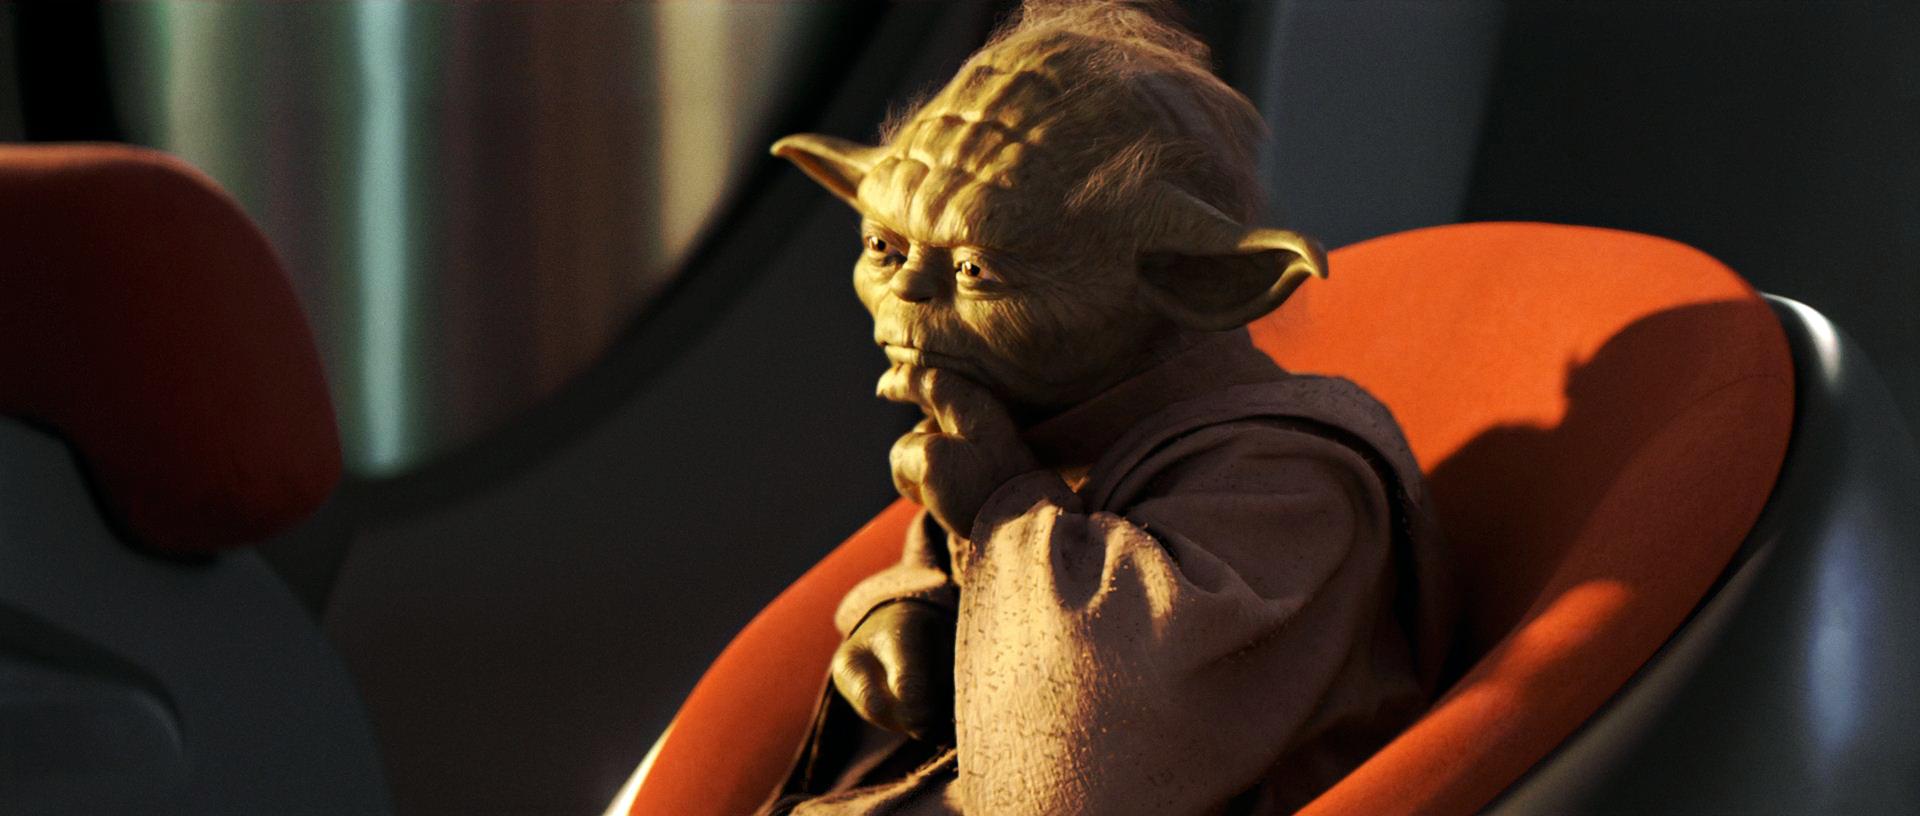 Yoda/Synopsis